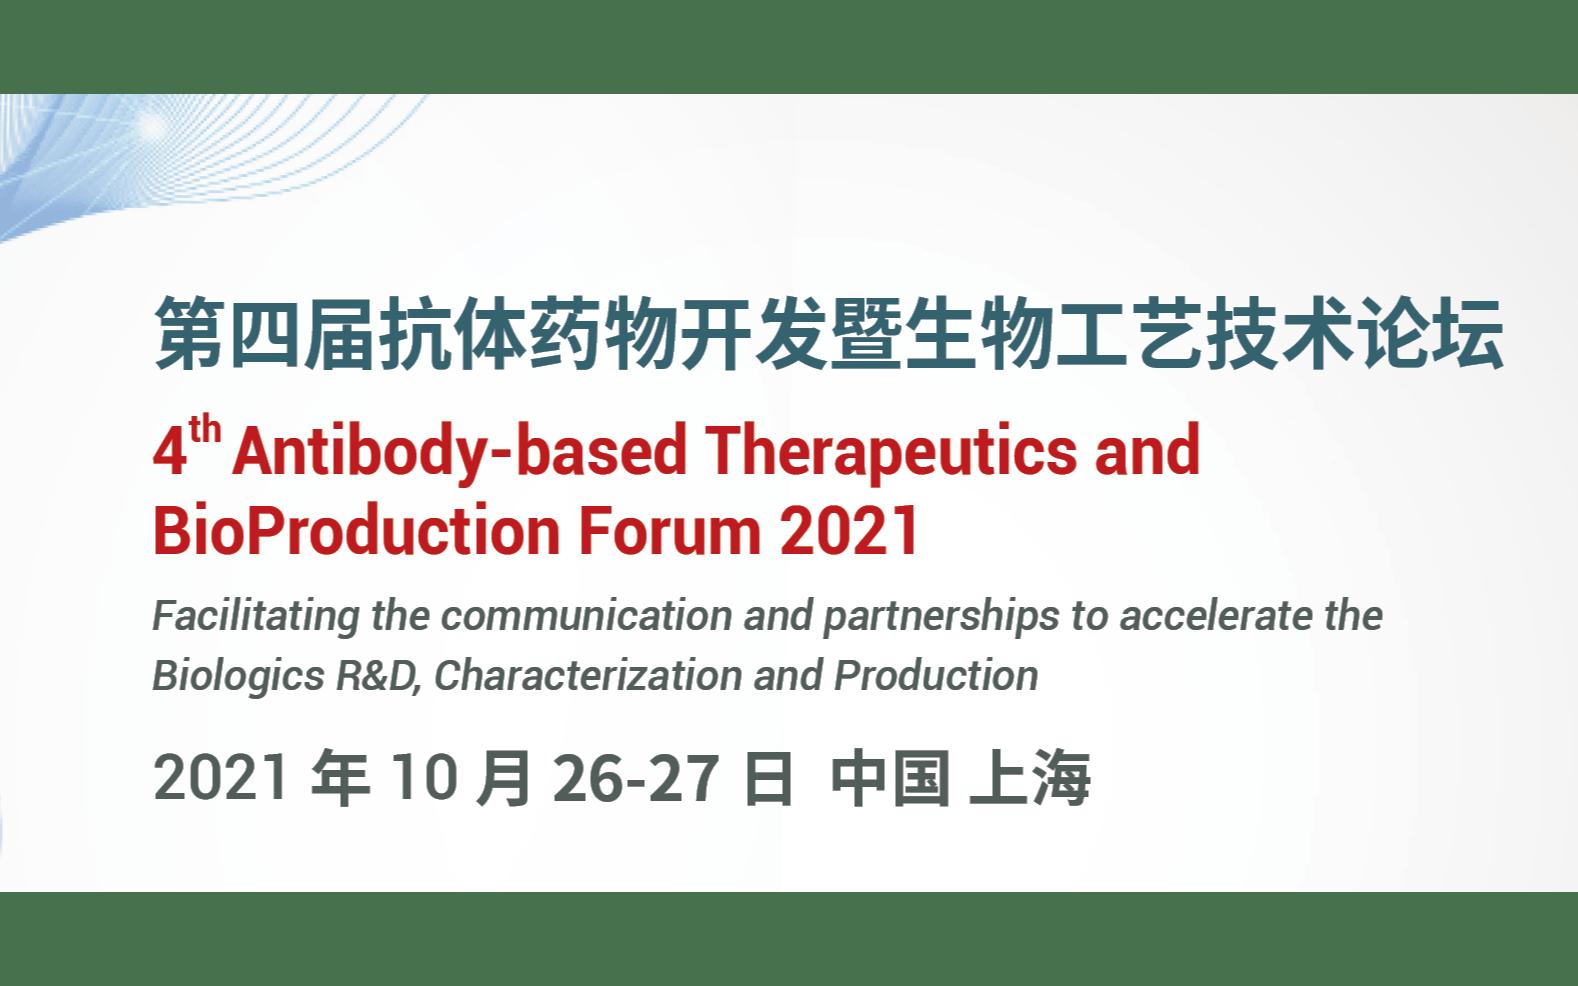 第四届抗体药物开发暨生物工艺技术论坛2021